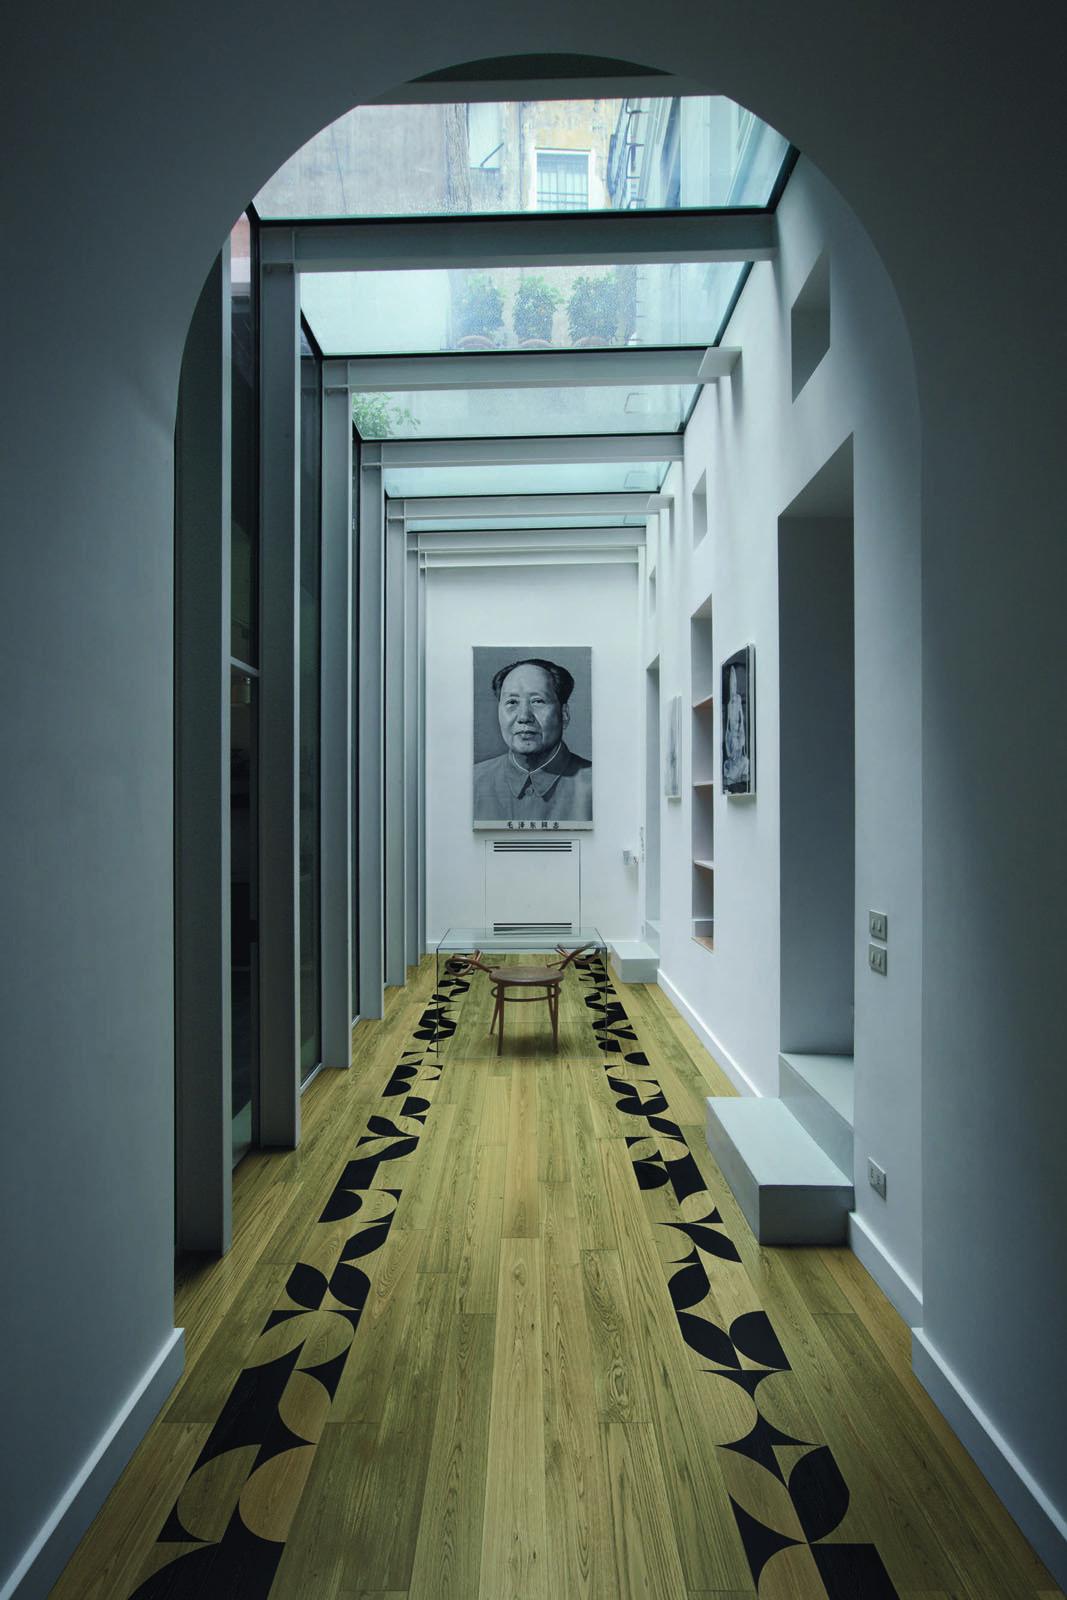 Alla triennale di milano il design made in italy scelto da for La collezione di design del sater